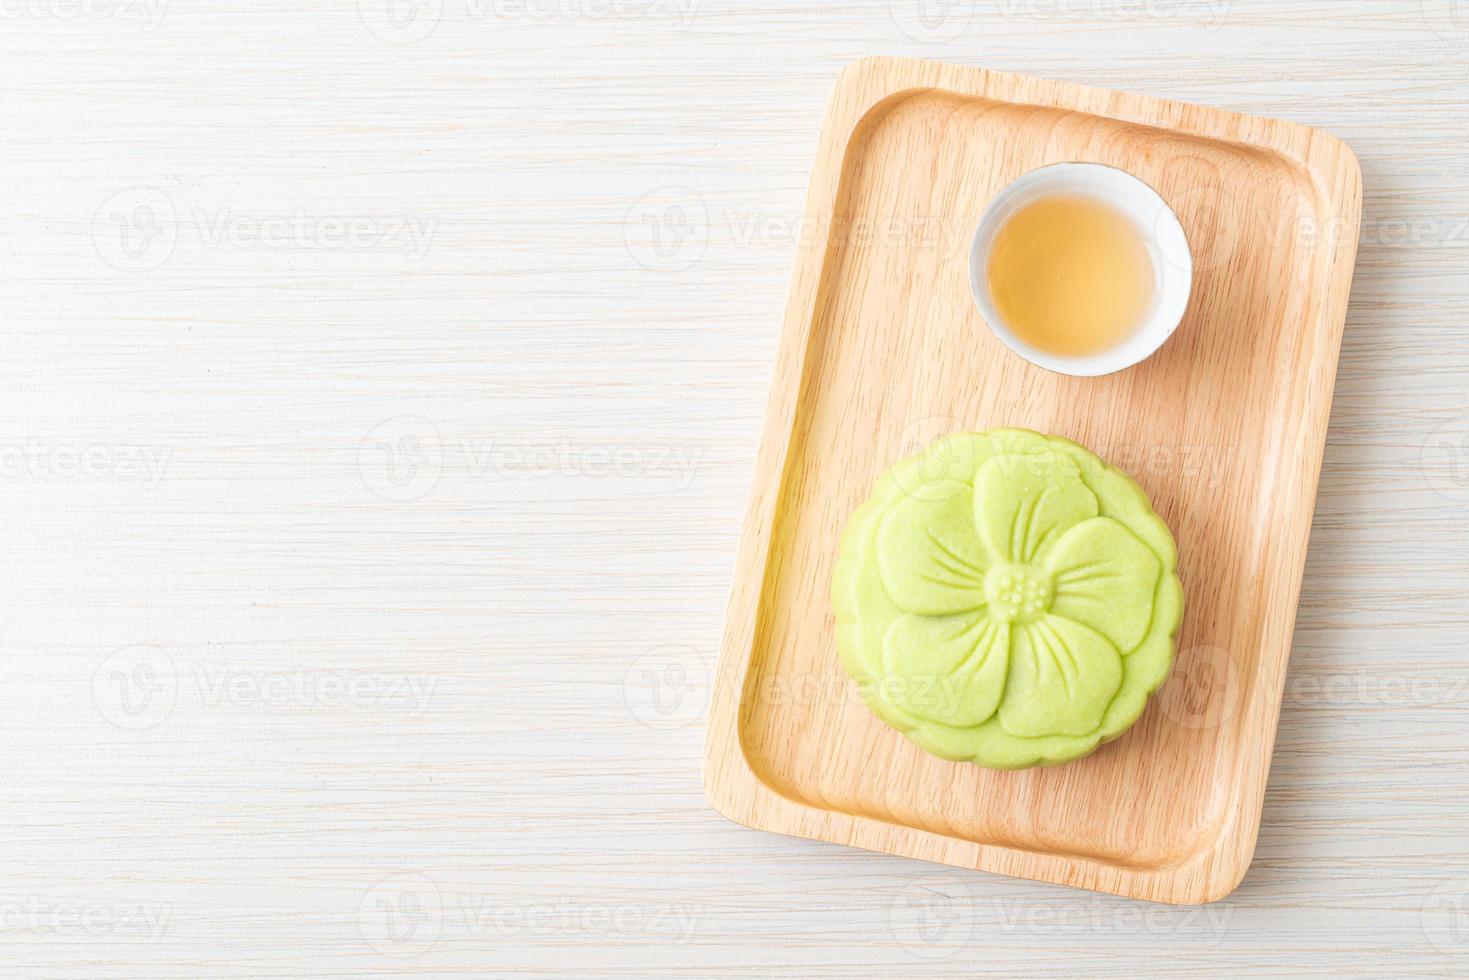 saveur de thé vert gâteau de lune chinois photo